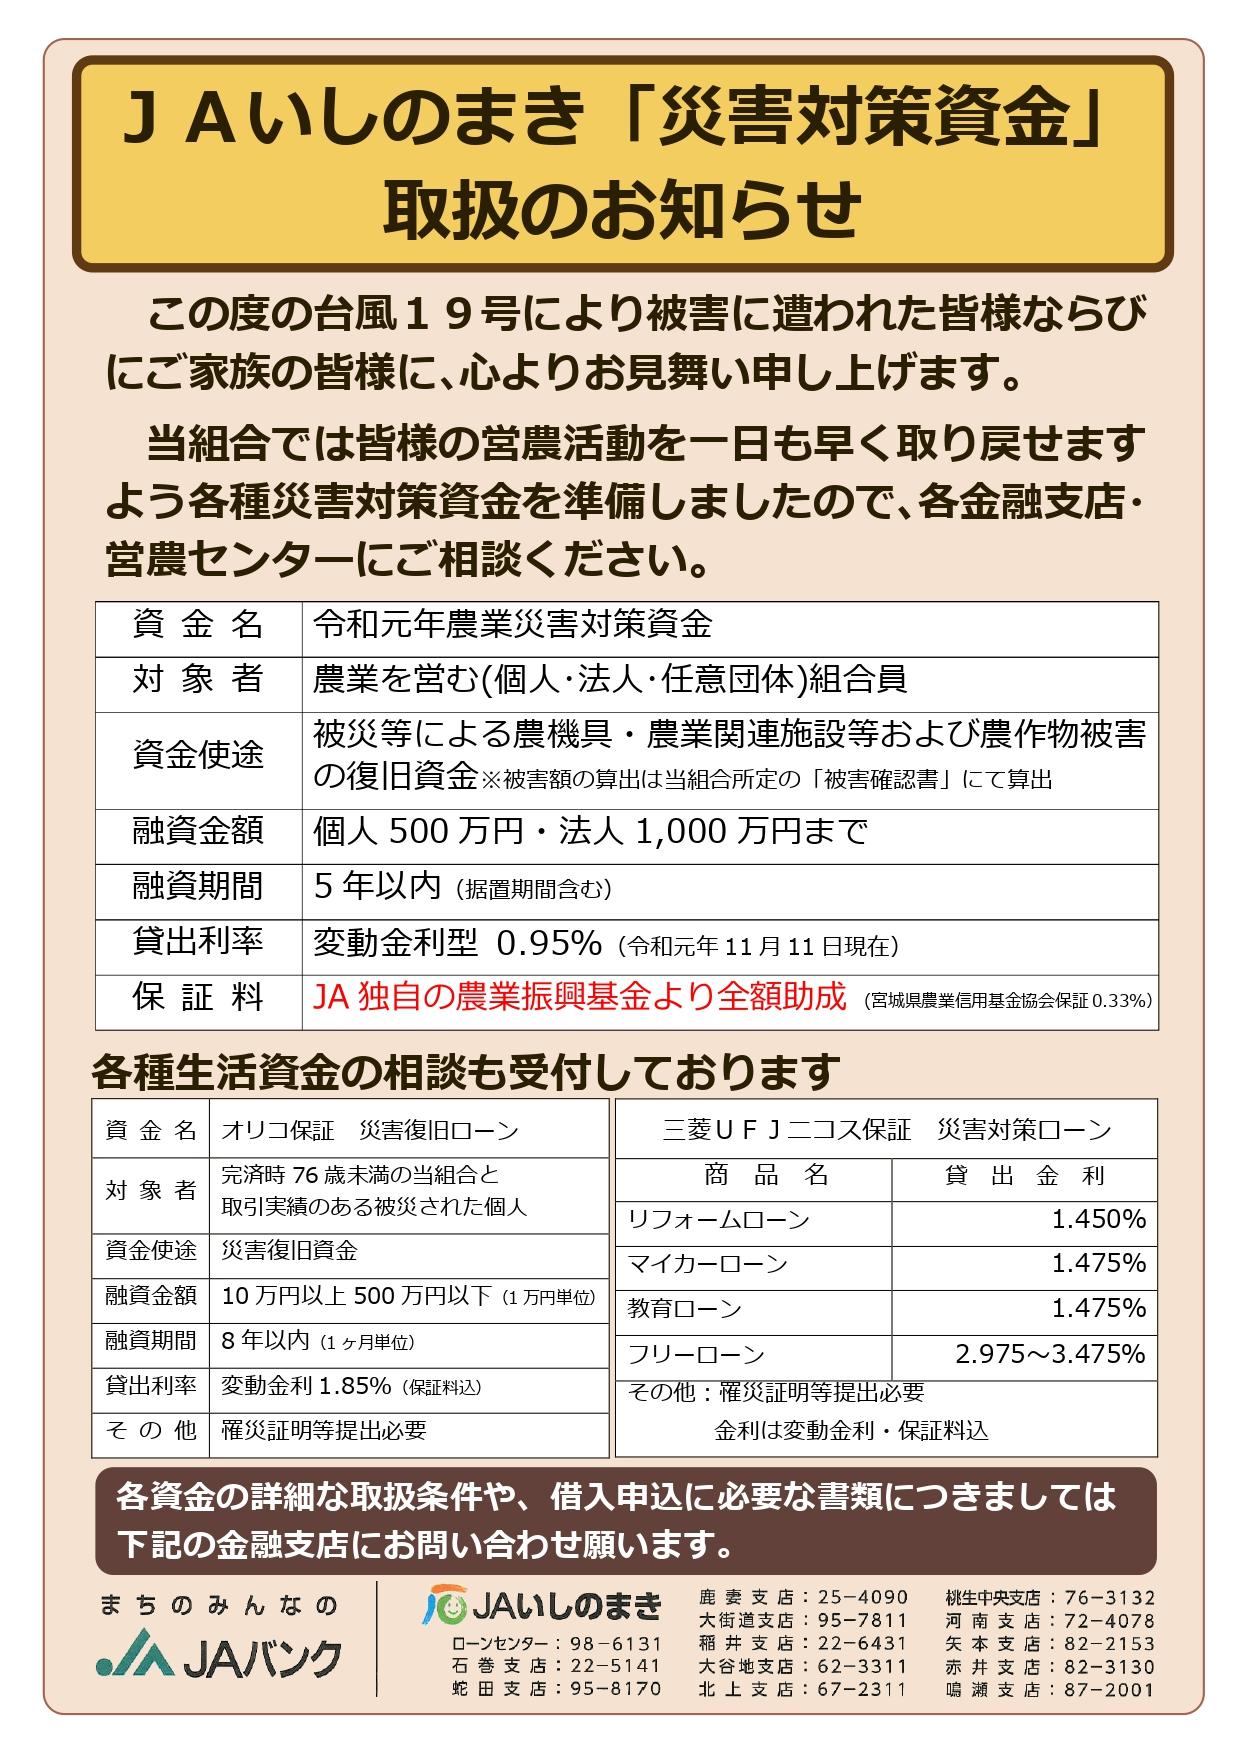 災害対策資金に関する組合員向け通知ポスター